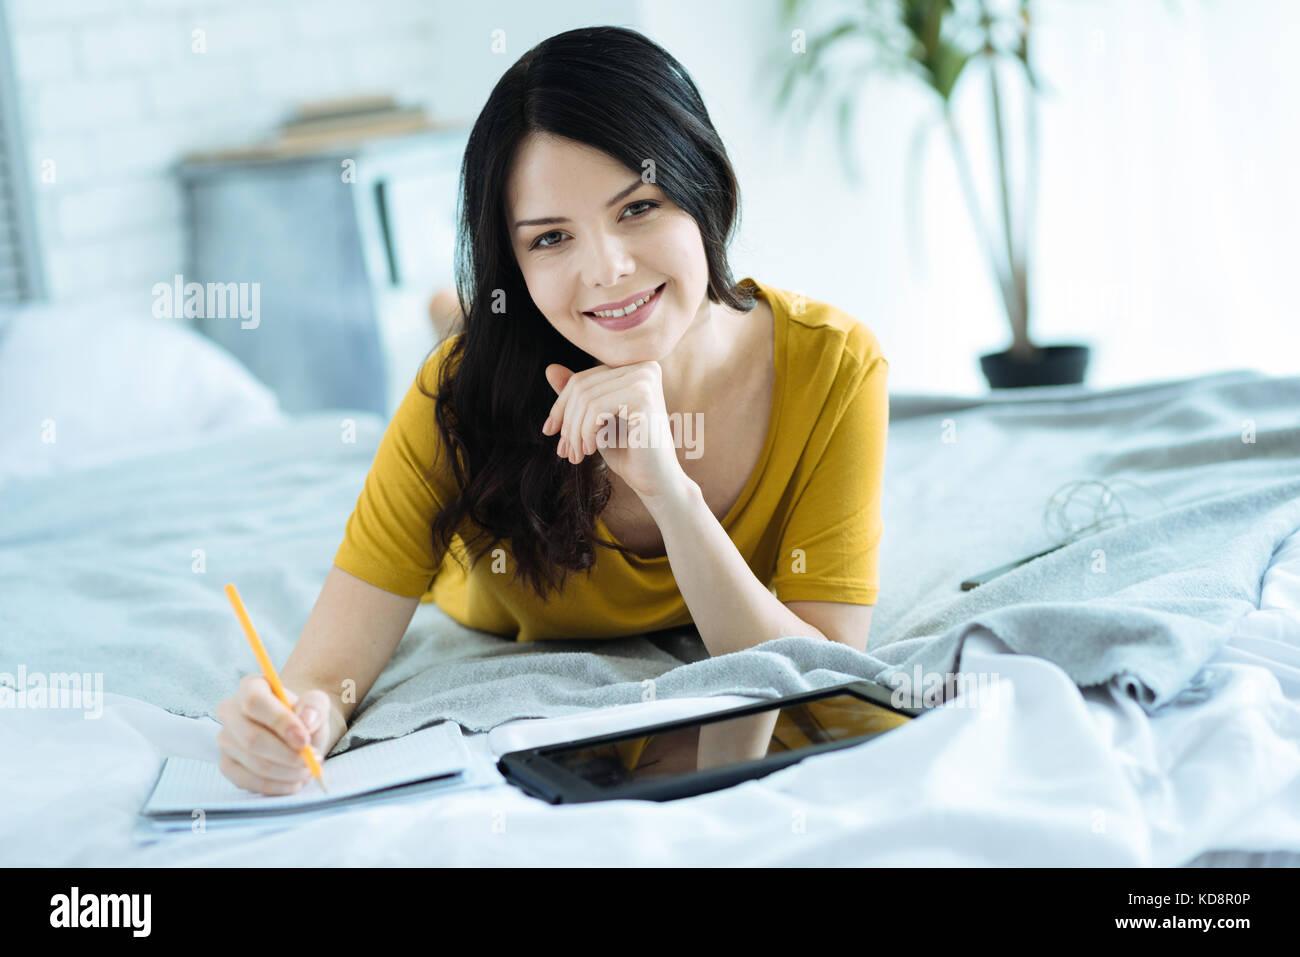 Freelancer femelle apprécie de travailler de chez vous. Photo Stock